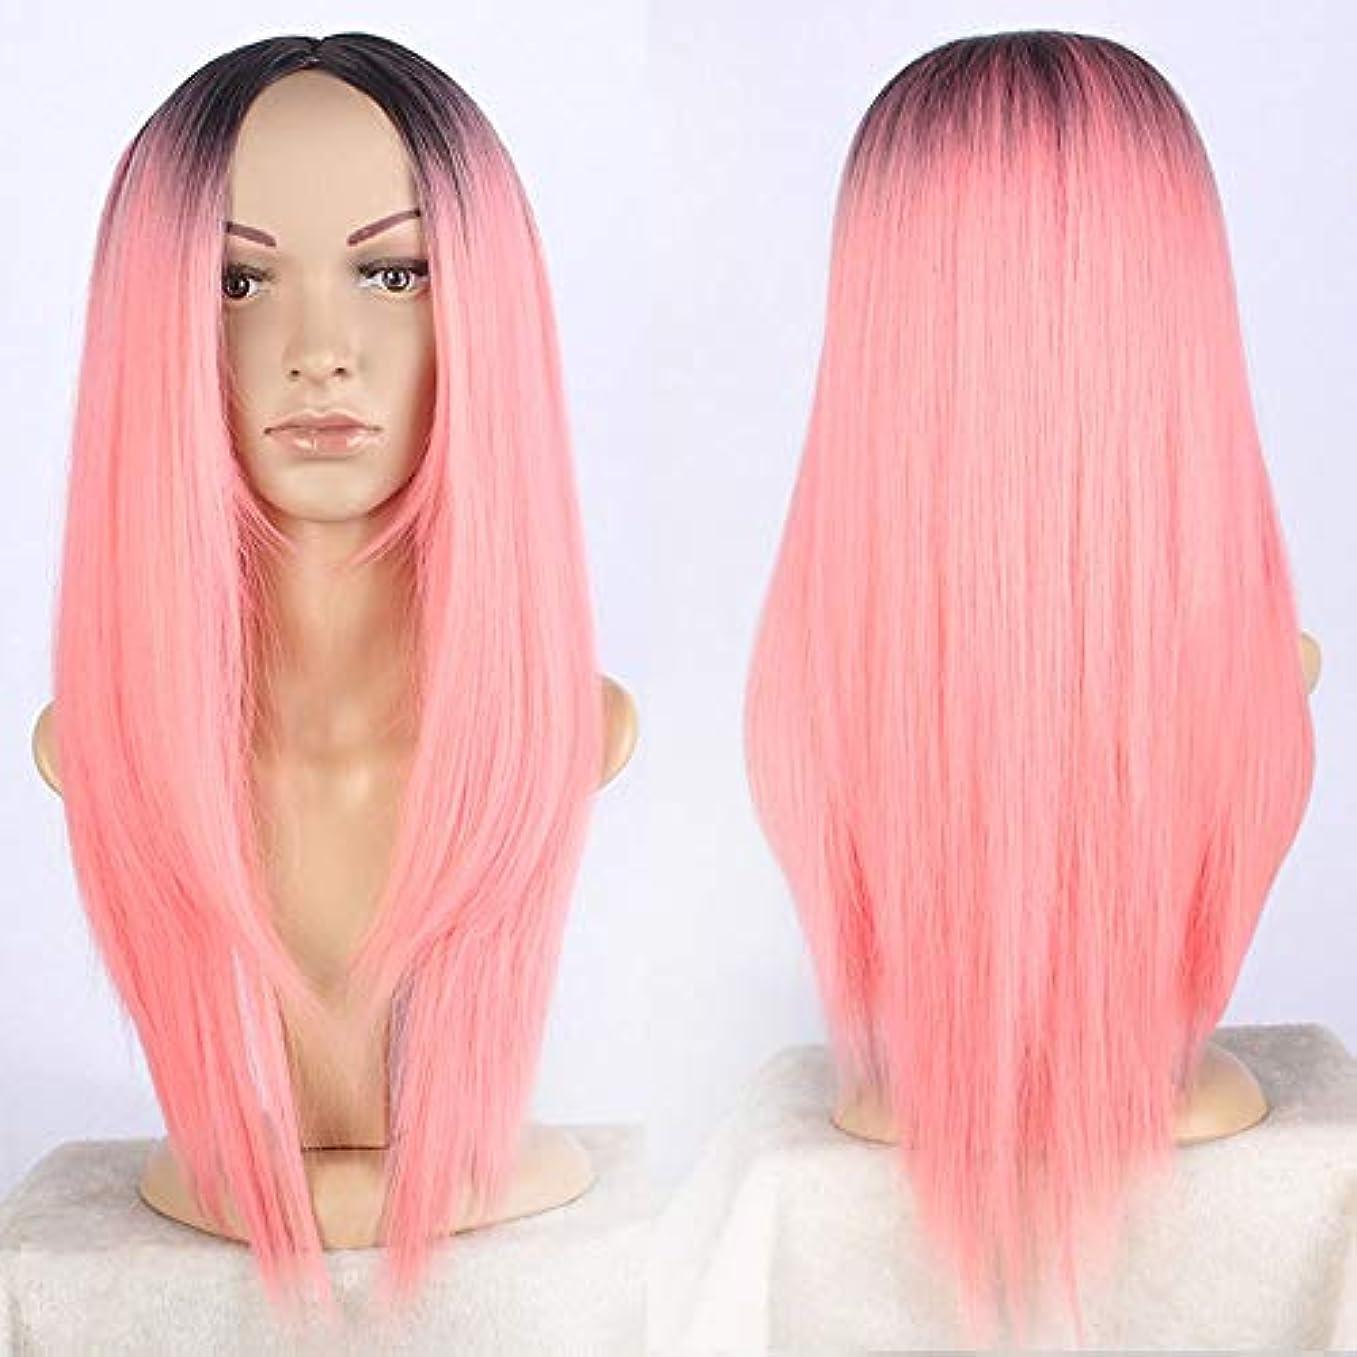 失態咳あごWASAIO 女性のためのピンクのかつらダークルーツ自然に見えるストレートフルウィッグデイリードレス耐熱ブロンドアクセサリーヘアスタイルの交換 (色 : ピンク)